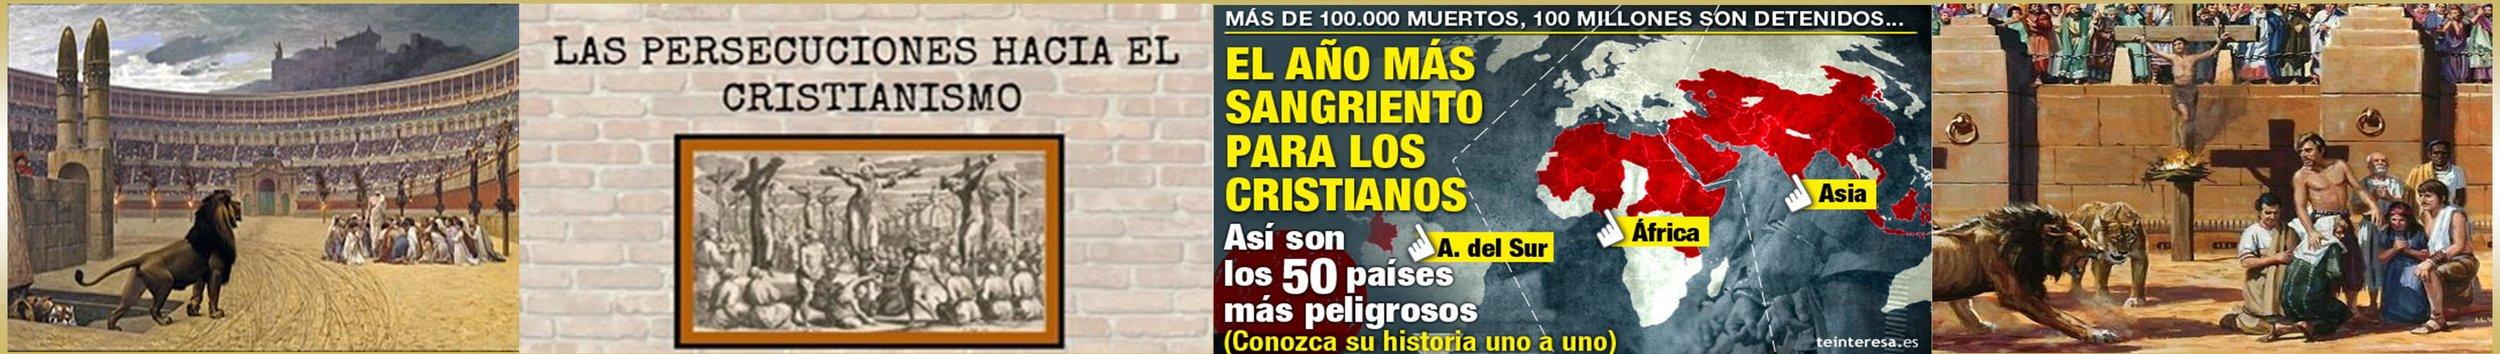 Persecuciones Cristianas.jpg